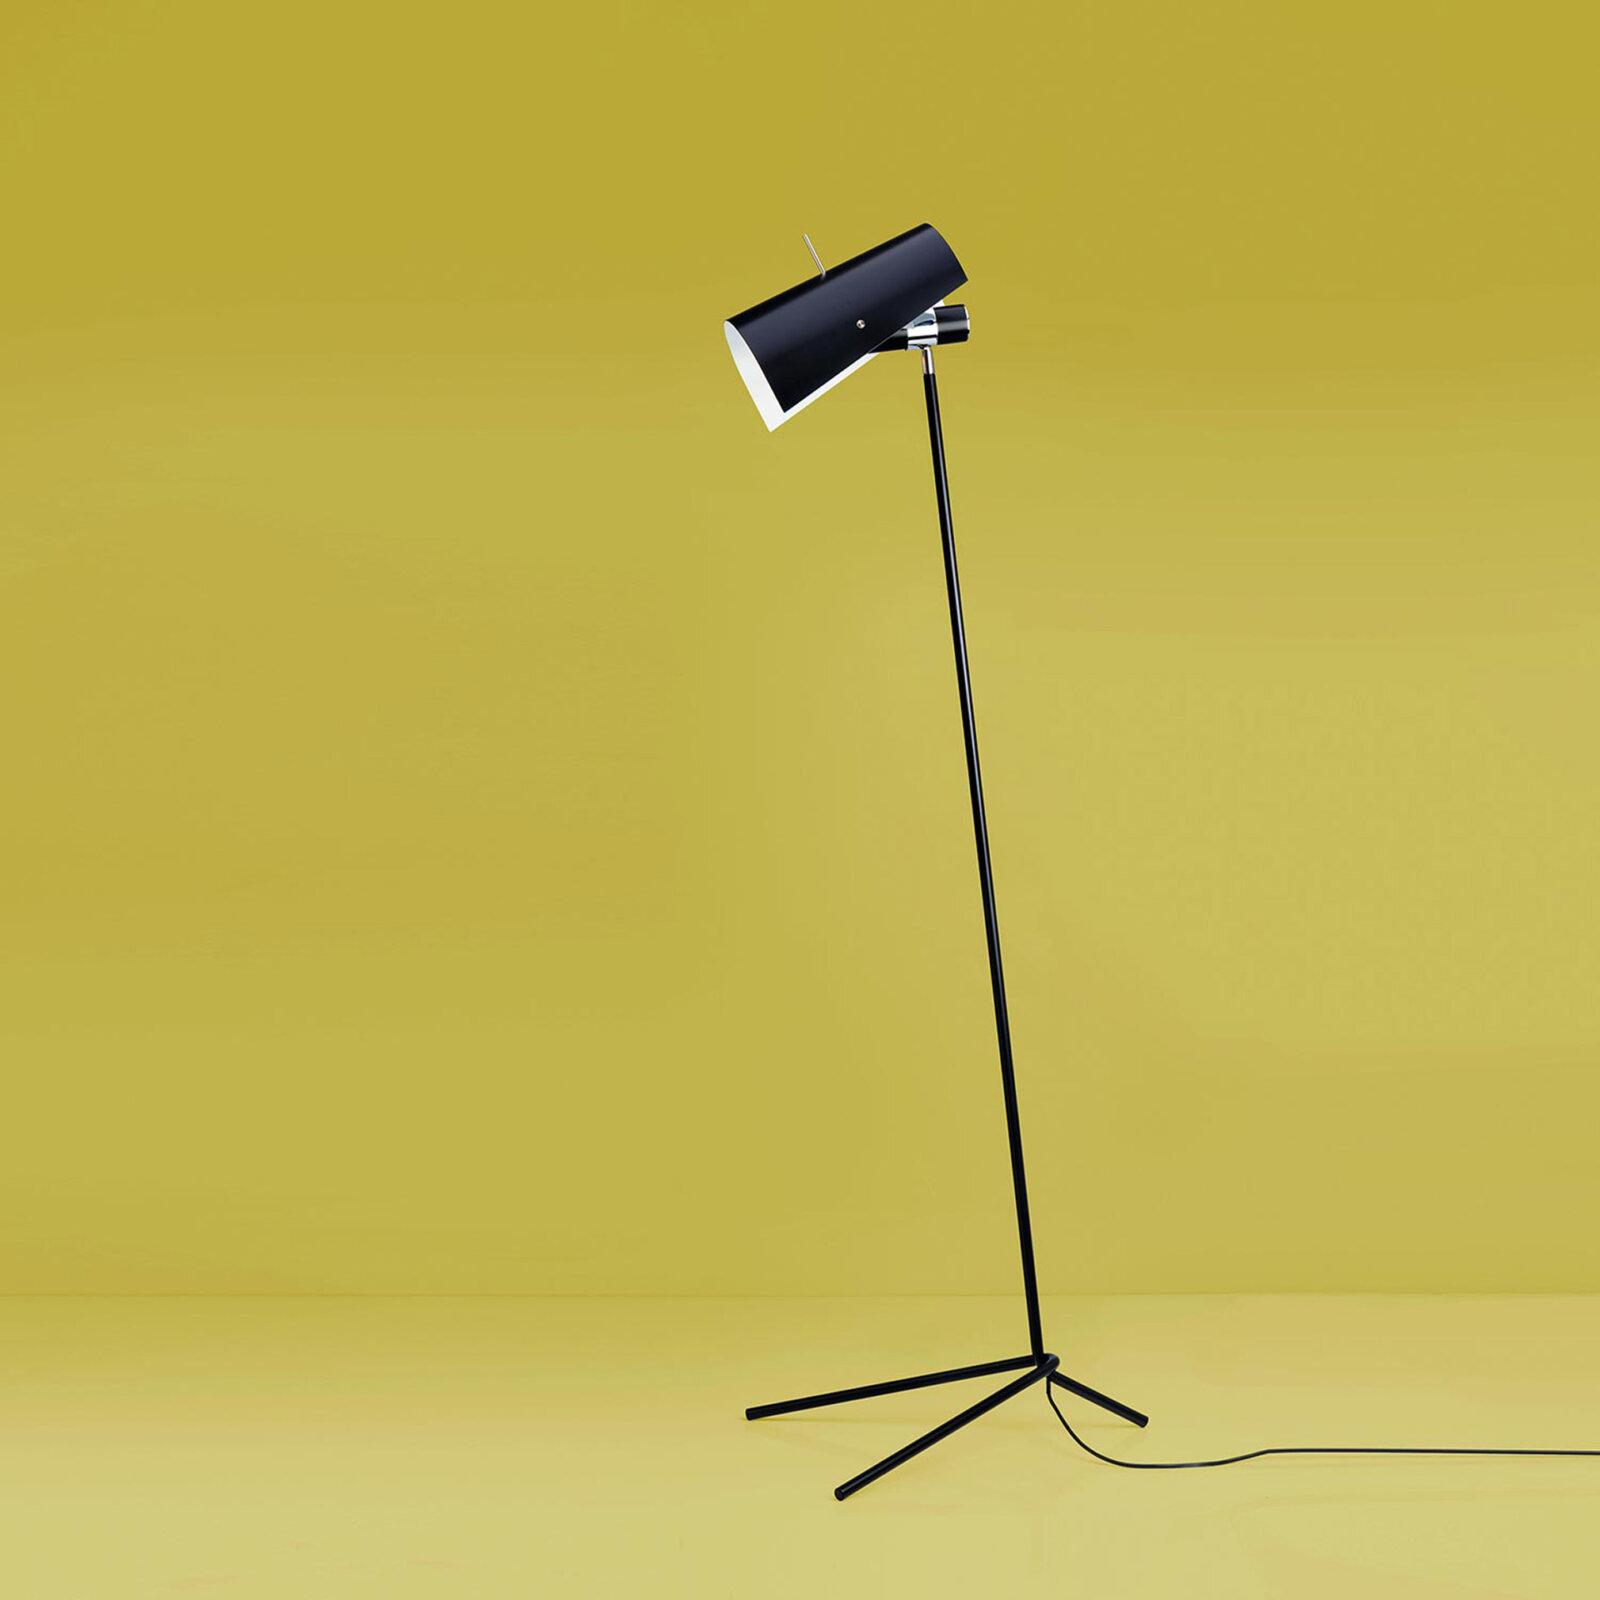 TinnappleMetz-nemo-claritas-floor-lamp-05